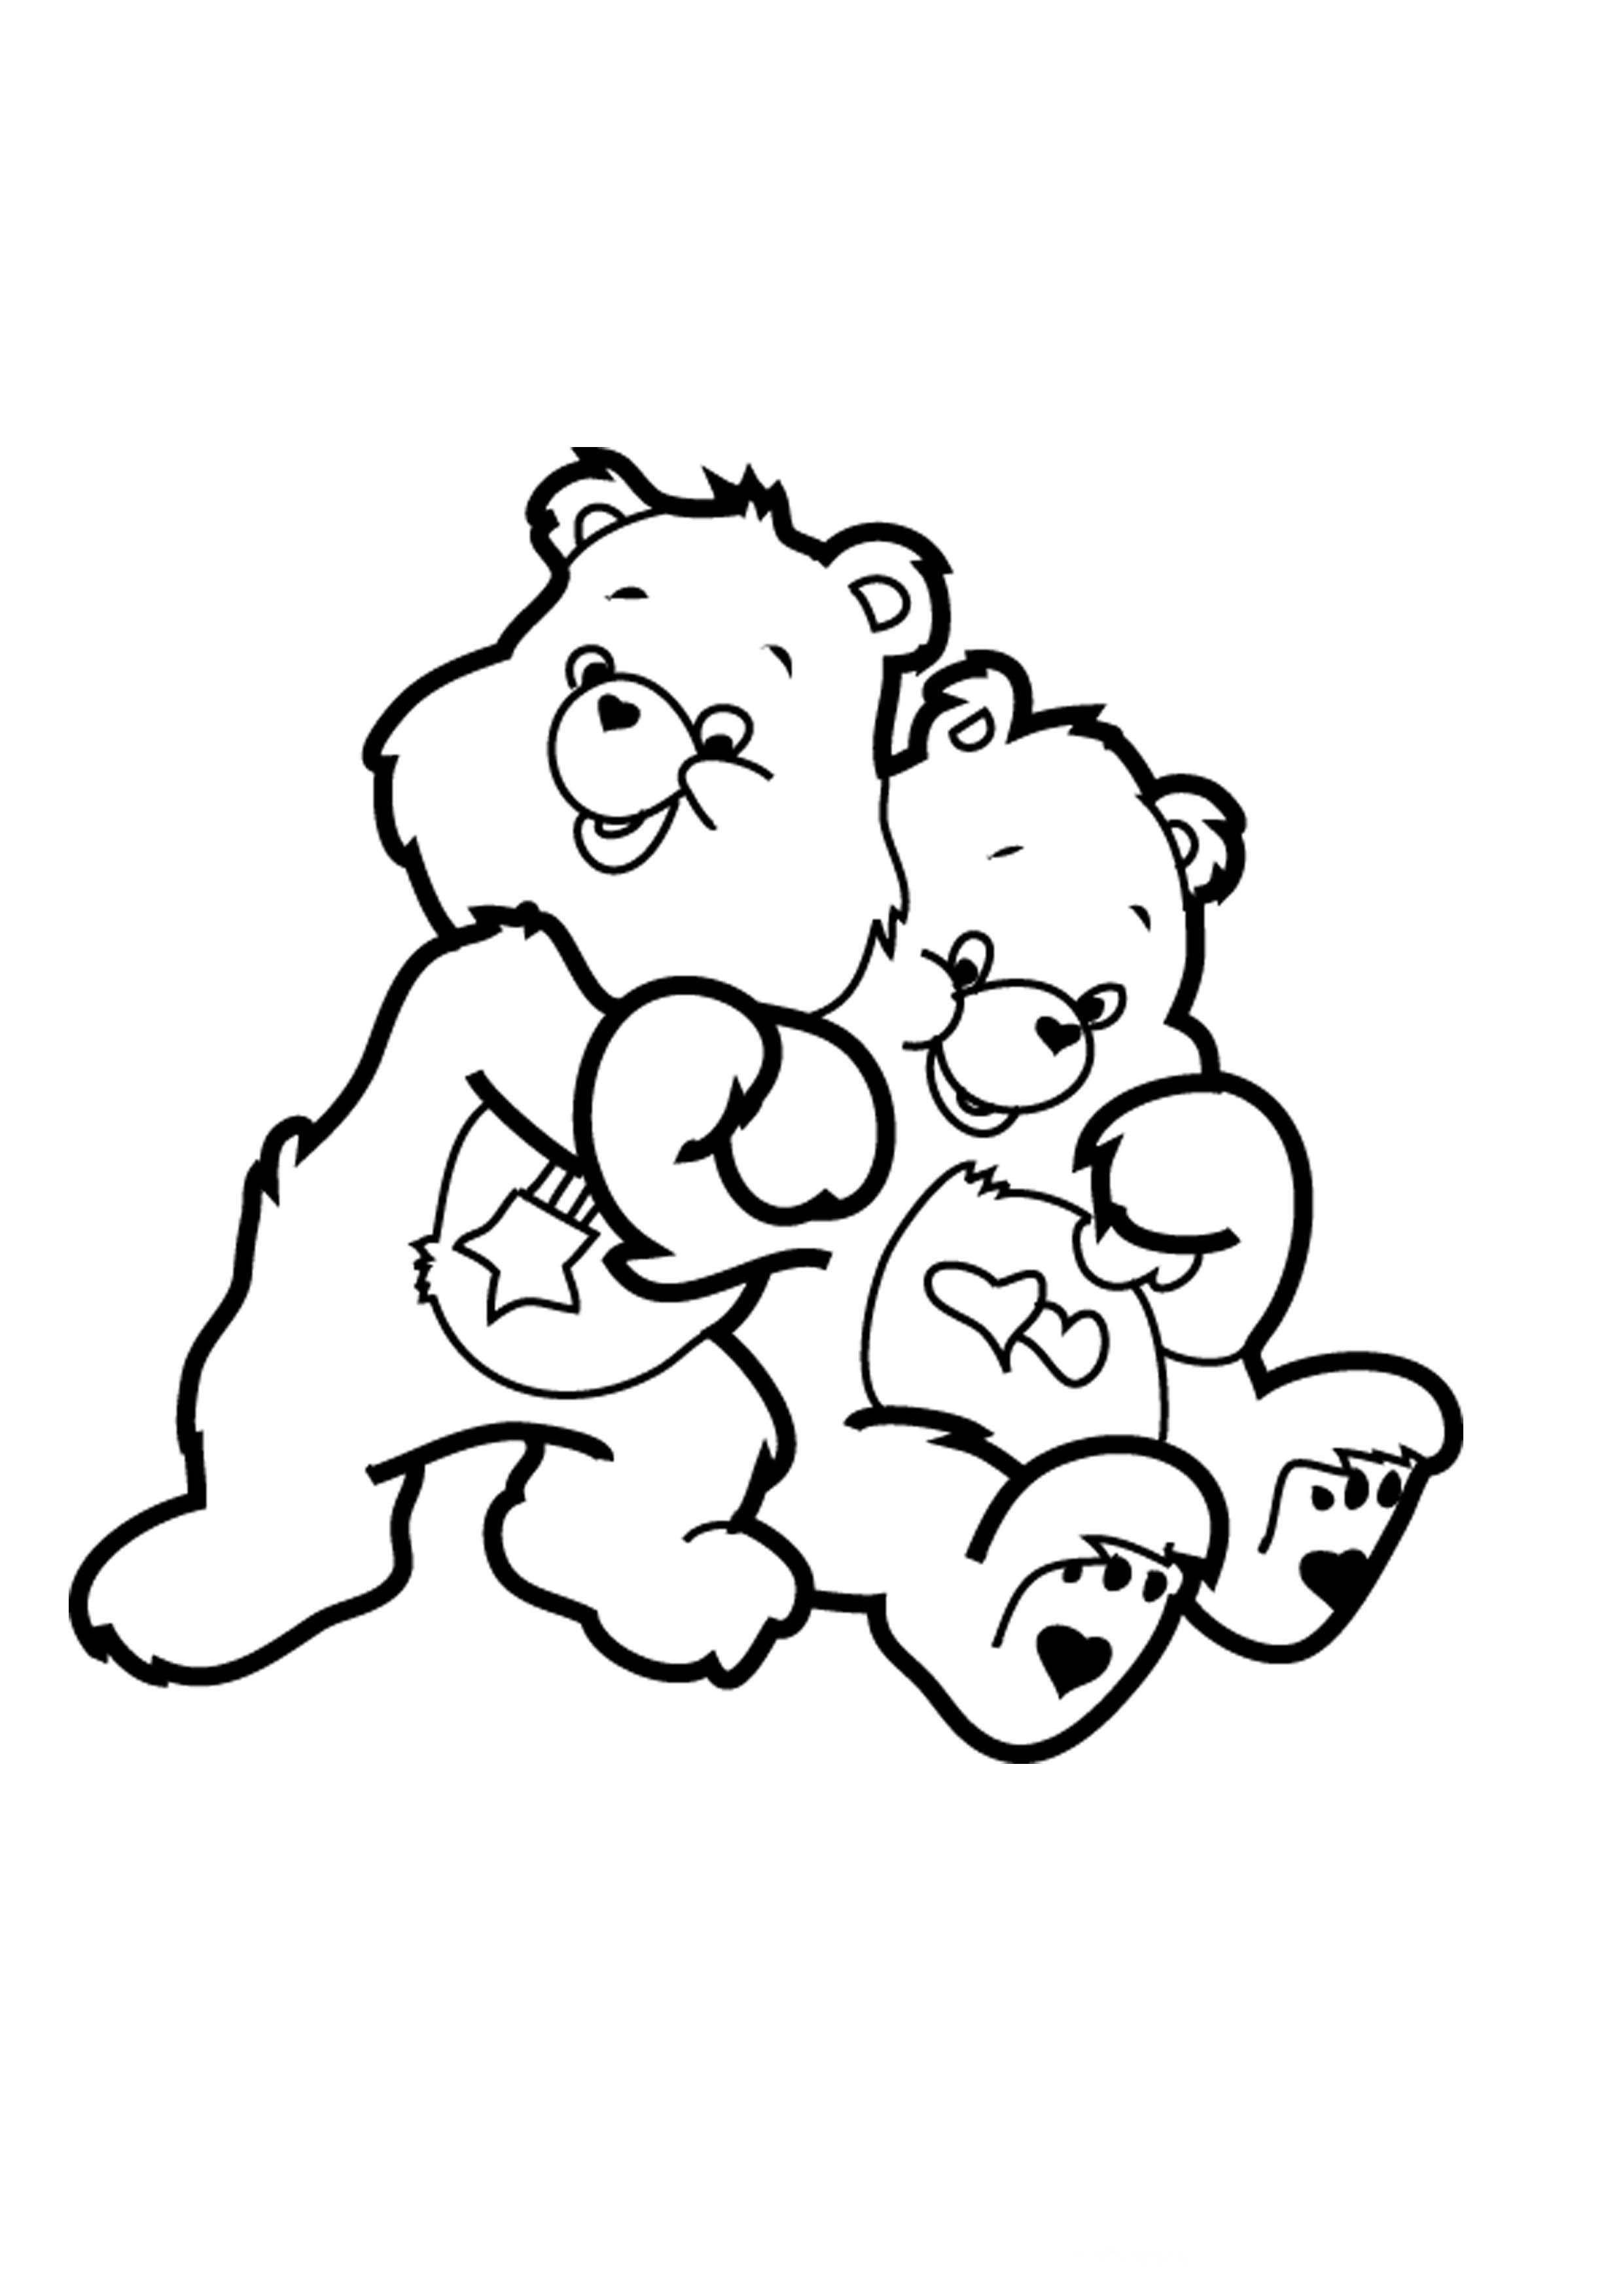 desenho de ursinhos carinhosos se abraçando para colorir tudodesenhos